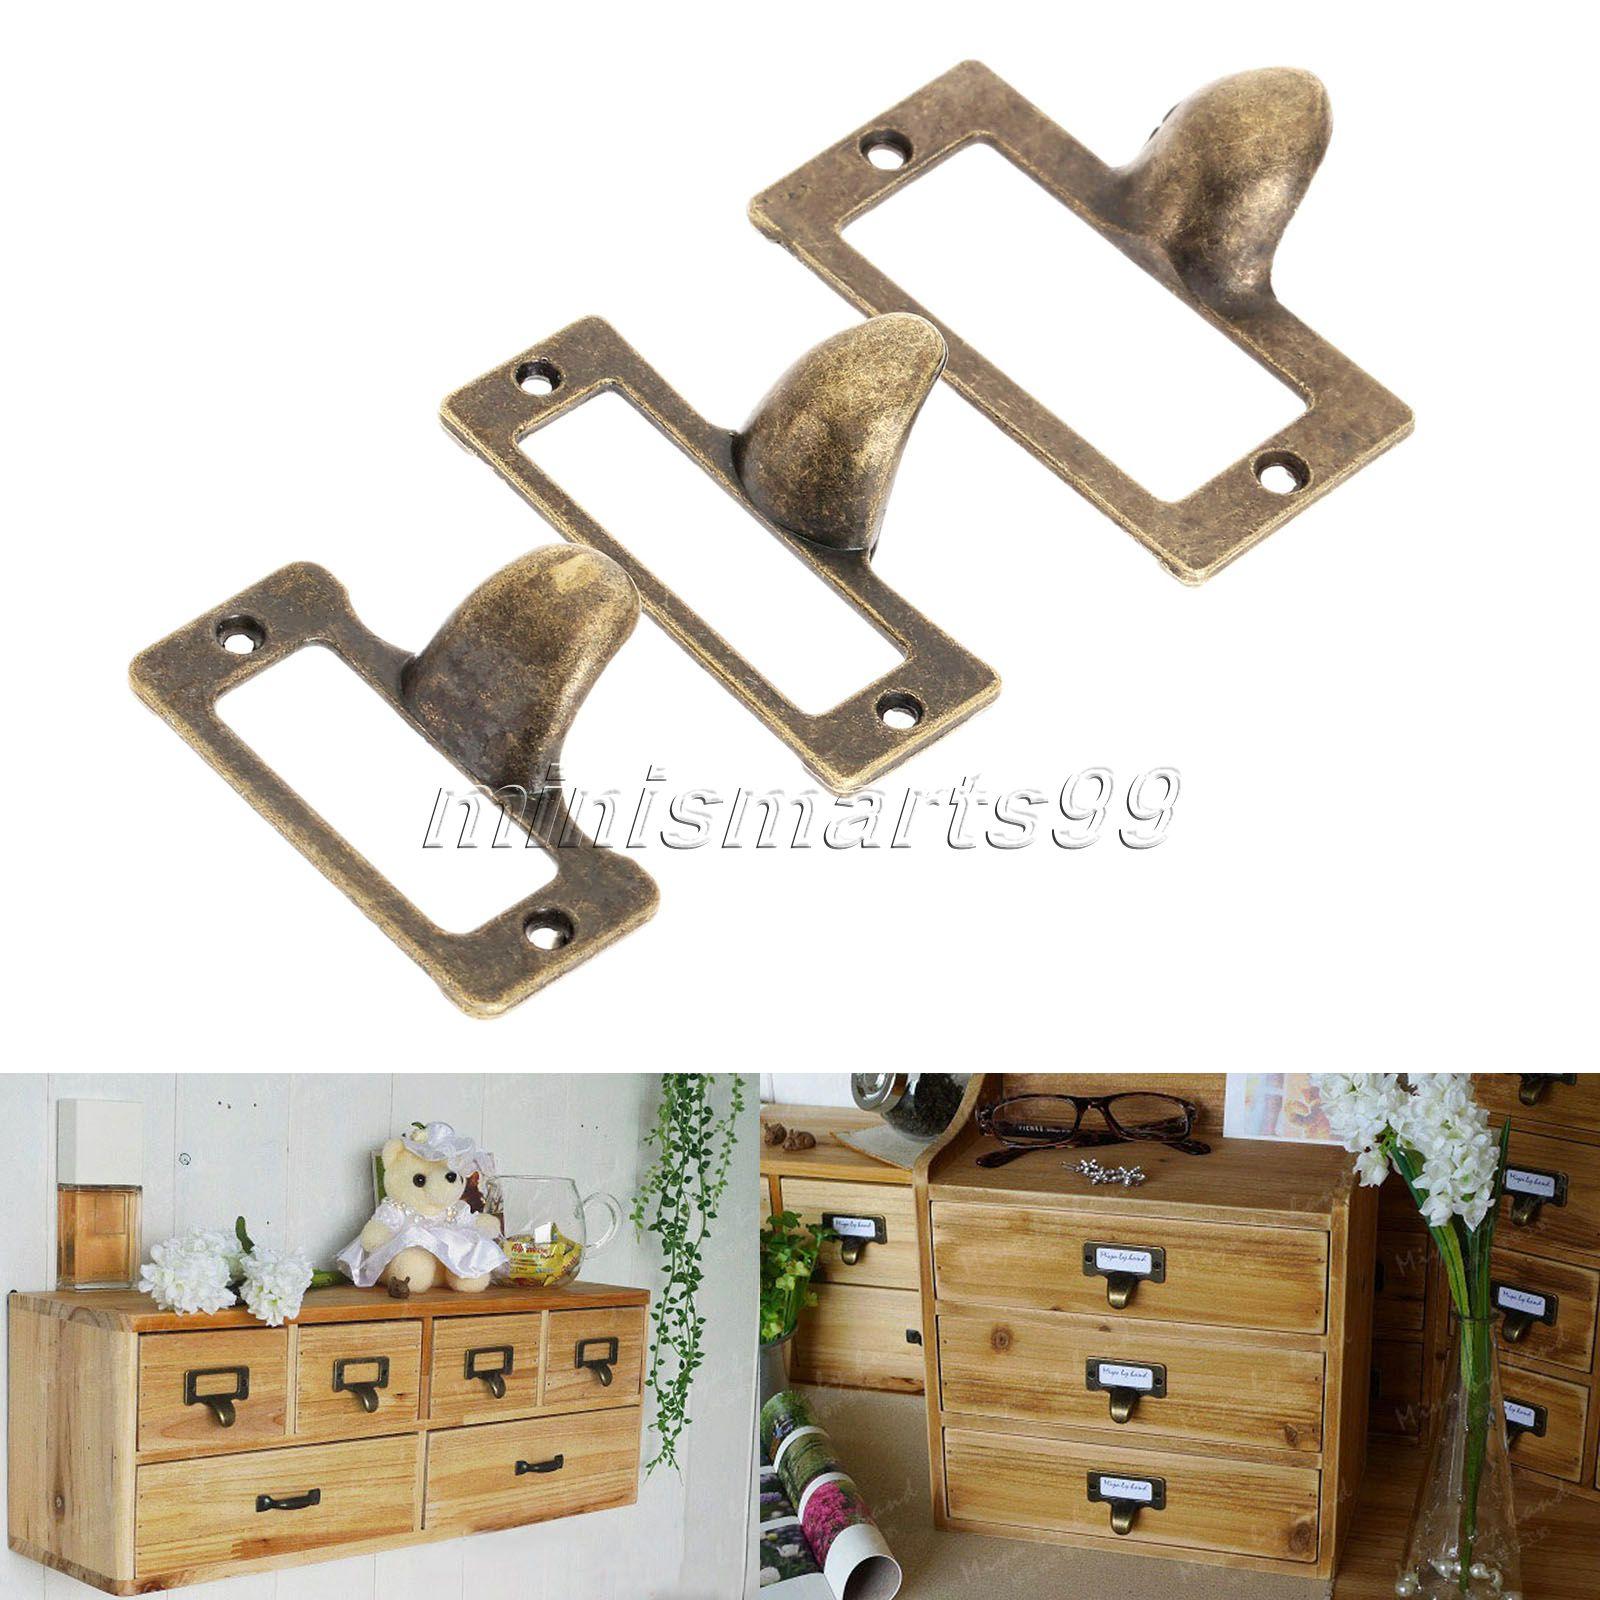 6pcs antique brass furniture handle vintage metal label pull frame handle file name card holder for brass furniture